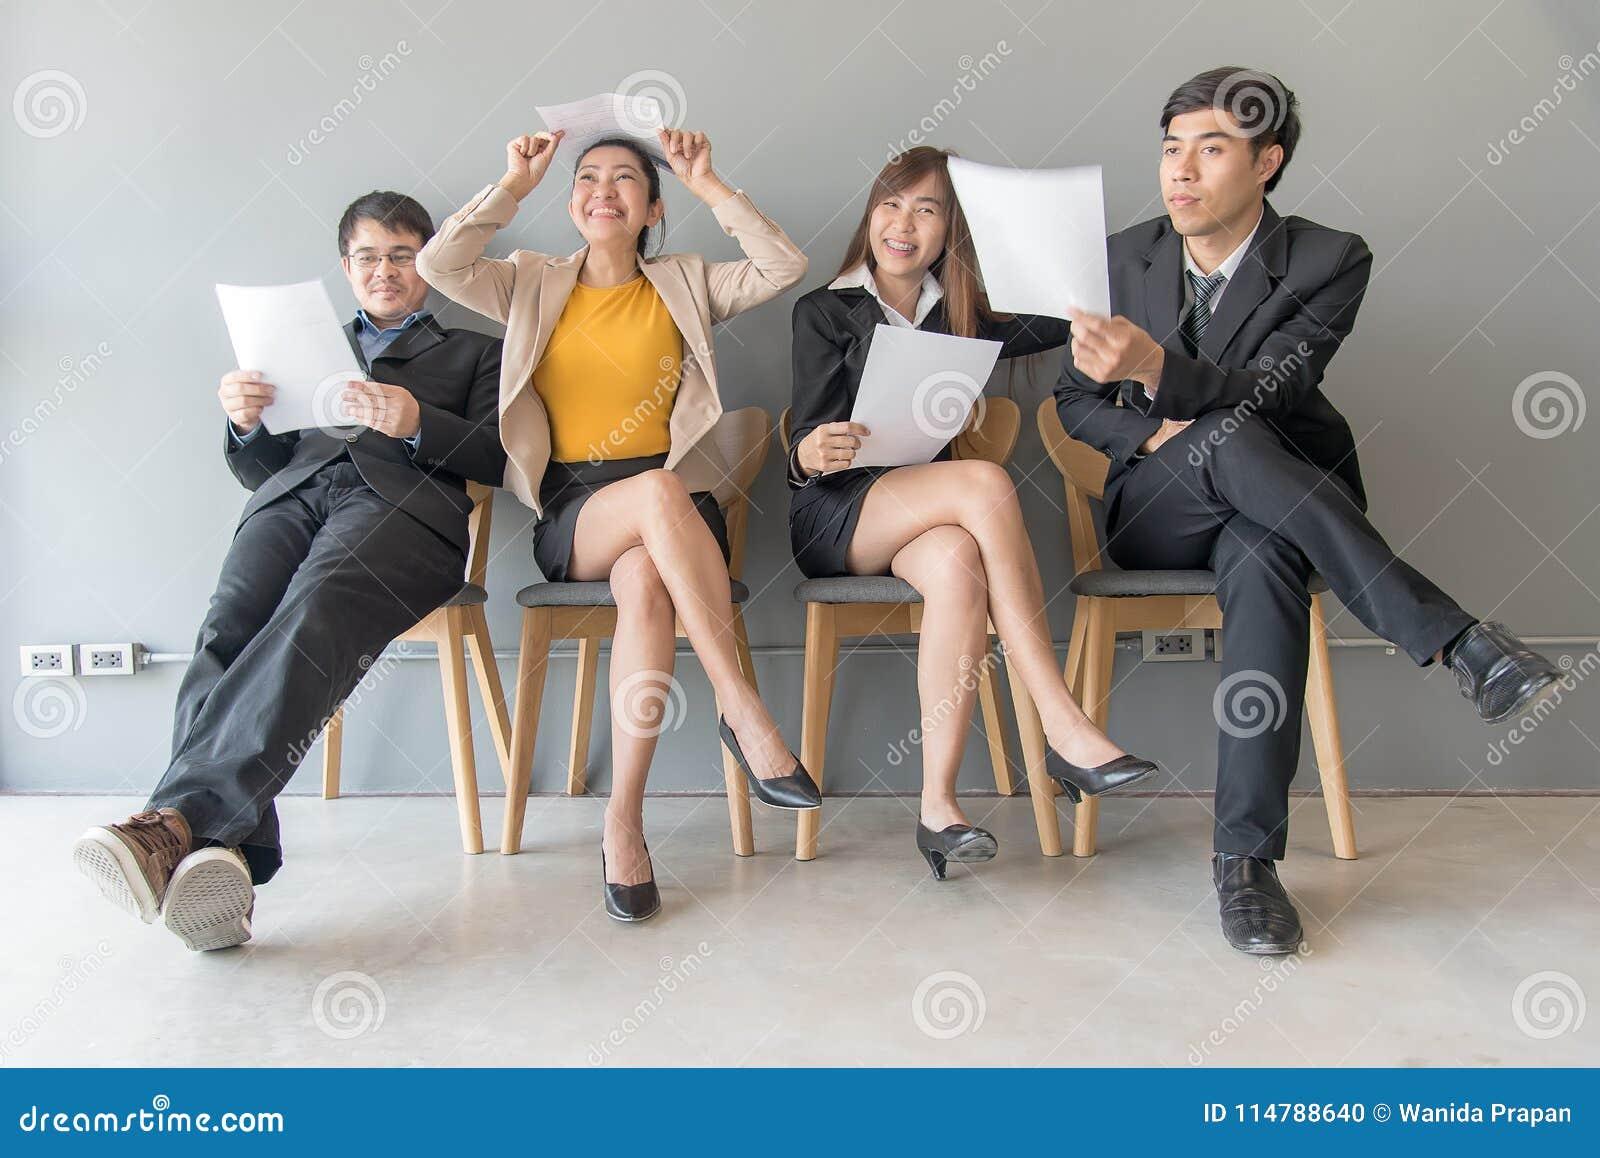 è diventato il job hysterical uno di intervista loro Il gruppo di gente asiatica esamina il documento mentre aspetta l intervista